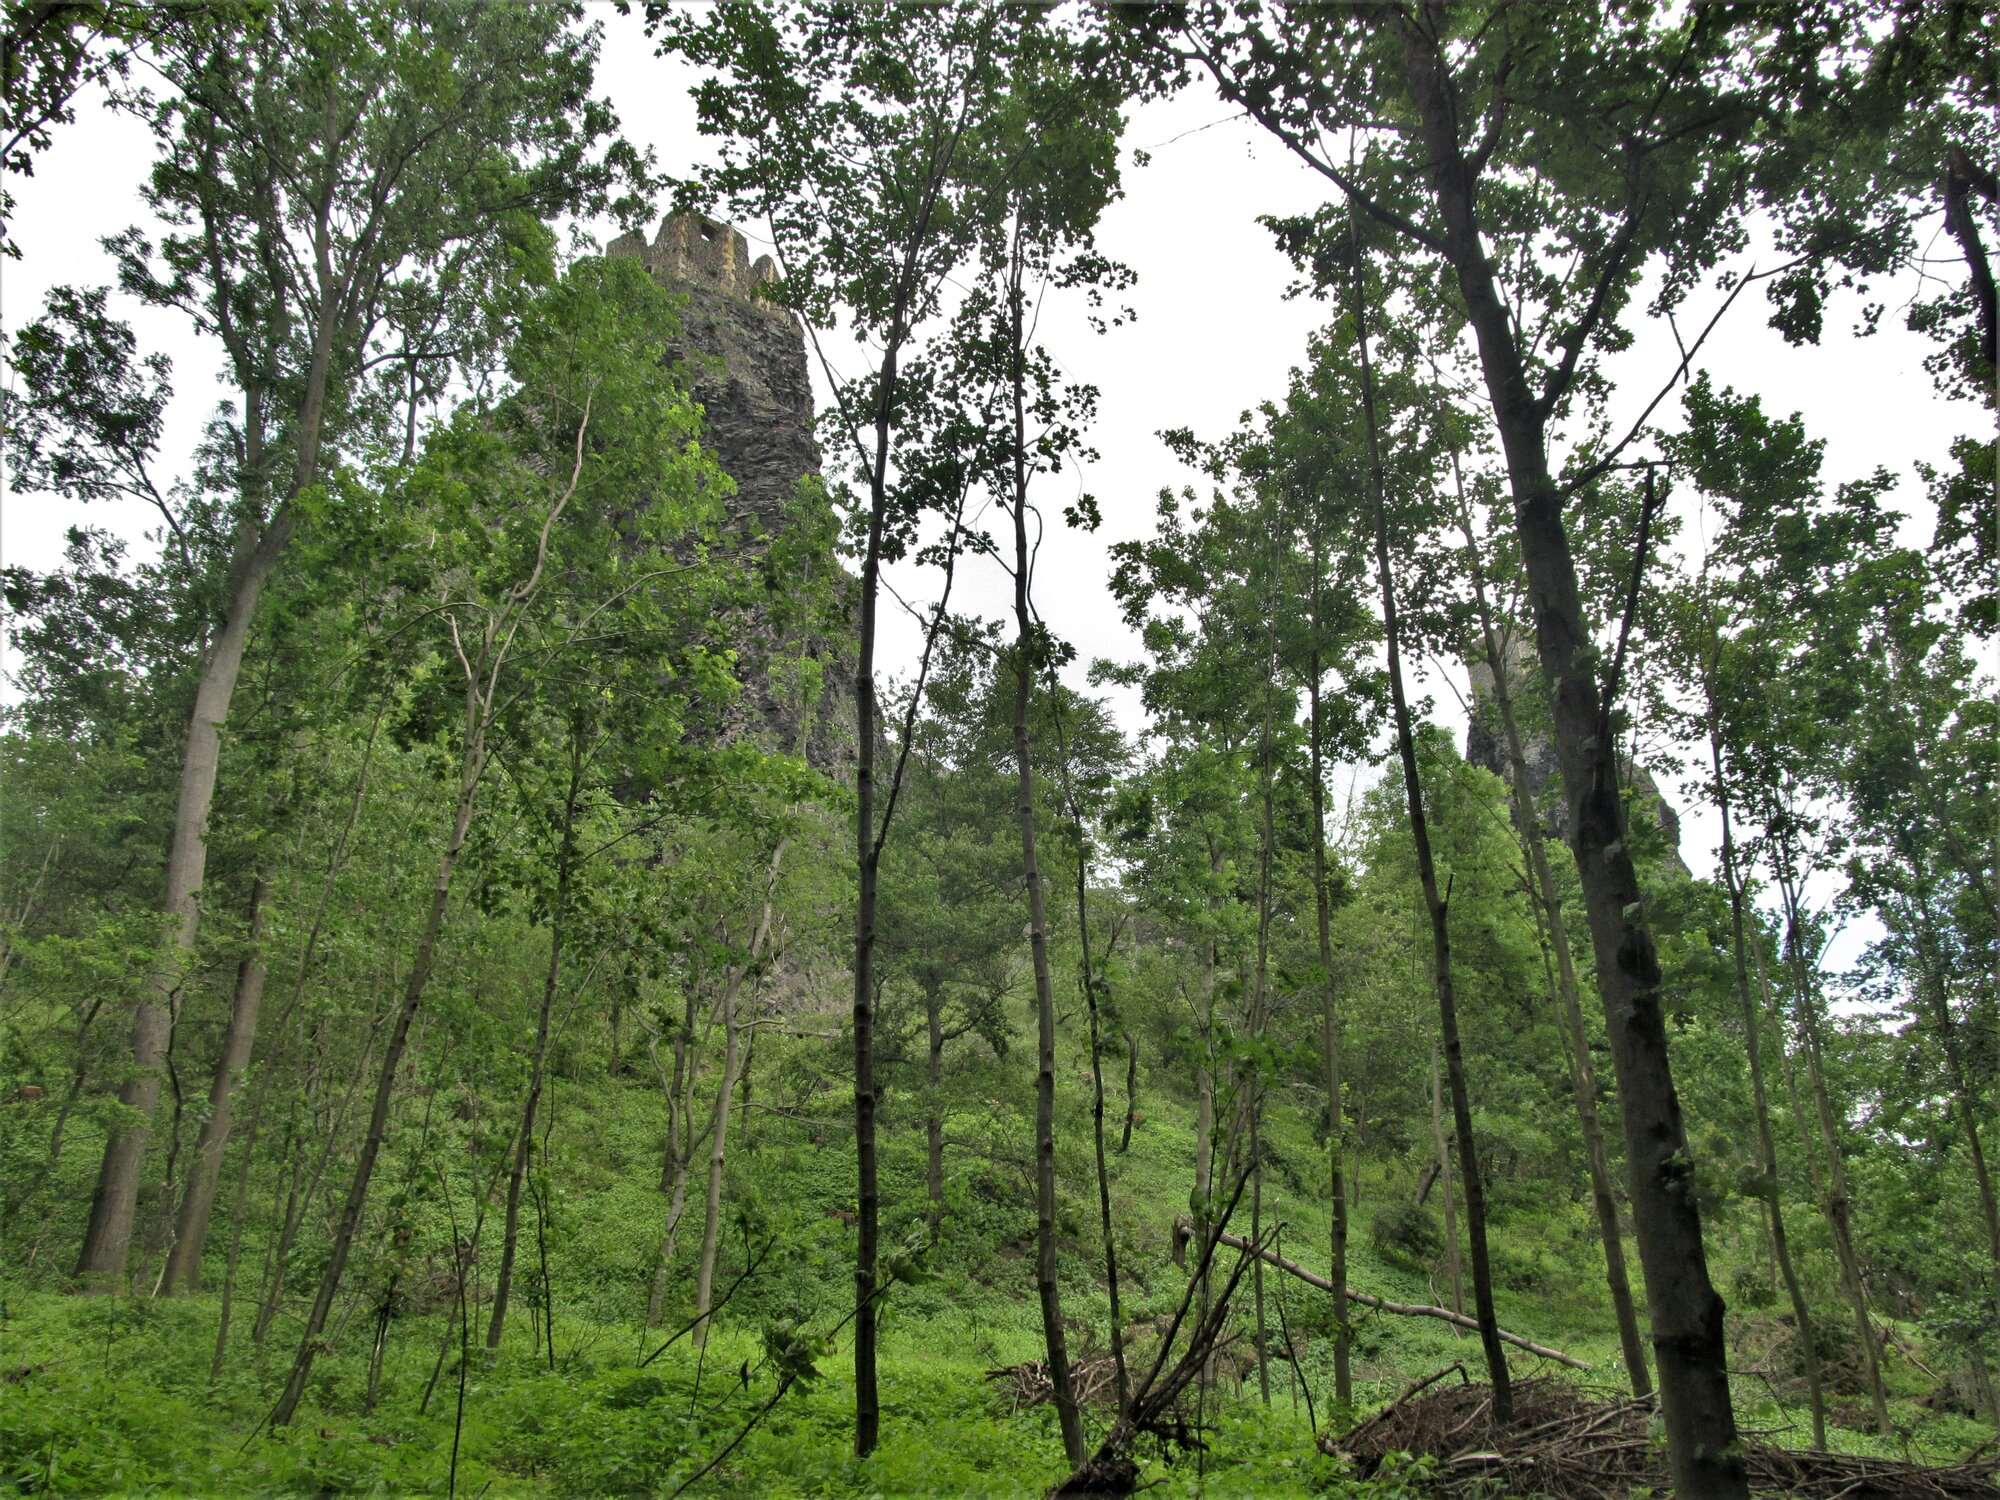 les pod hradem zakrývá výhled na hrad, ale v horkých dnech stíny stromů oceníte